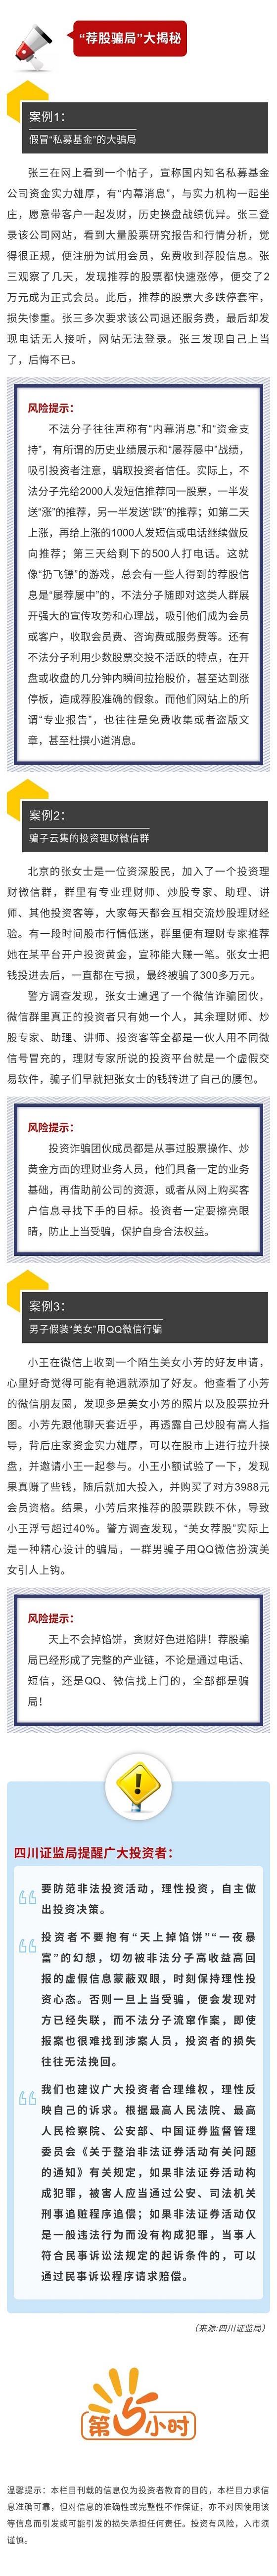 四川证监局发布非法证券投资咨询风险提示-2.jpg